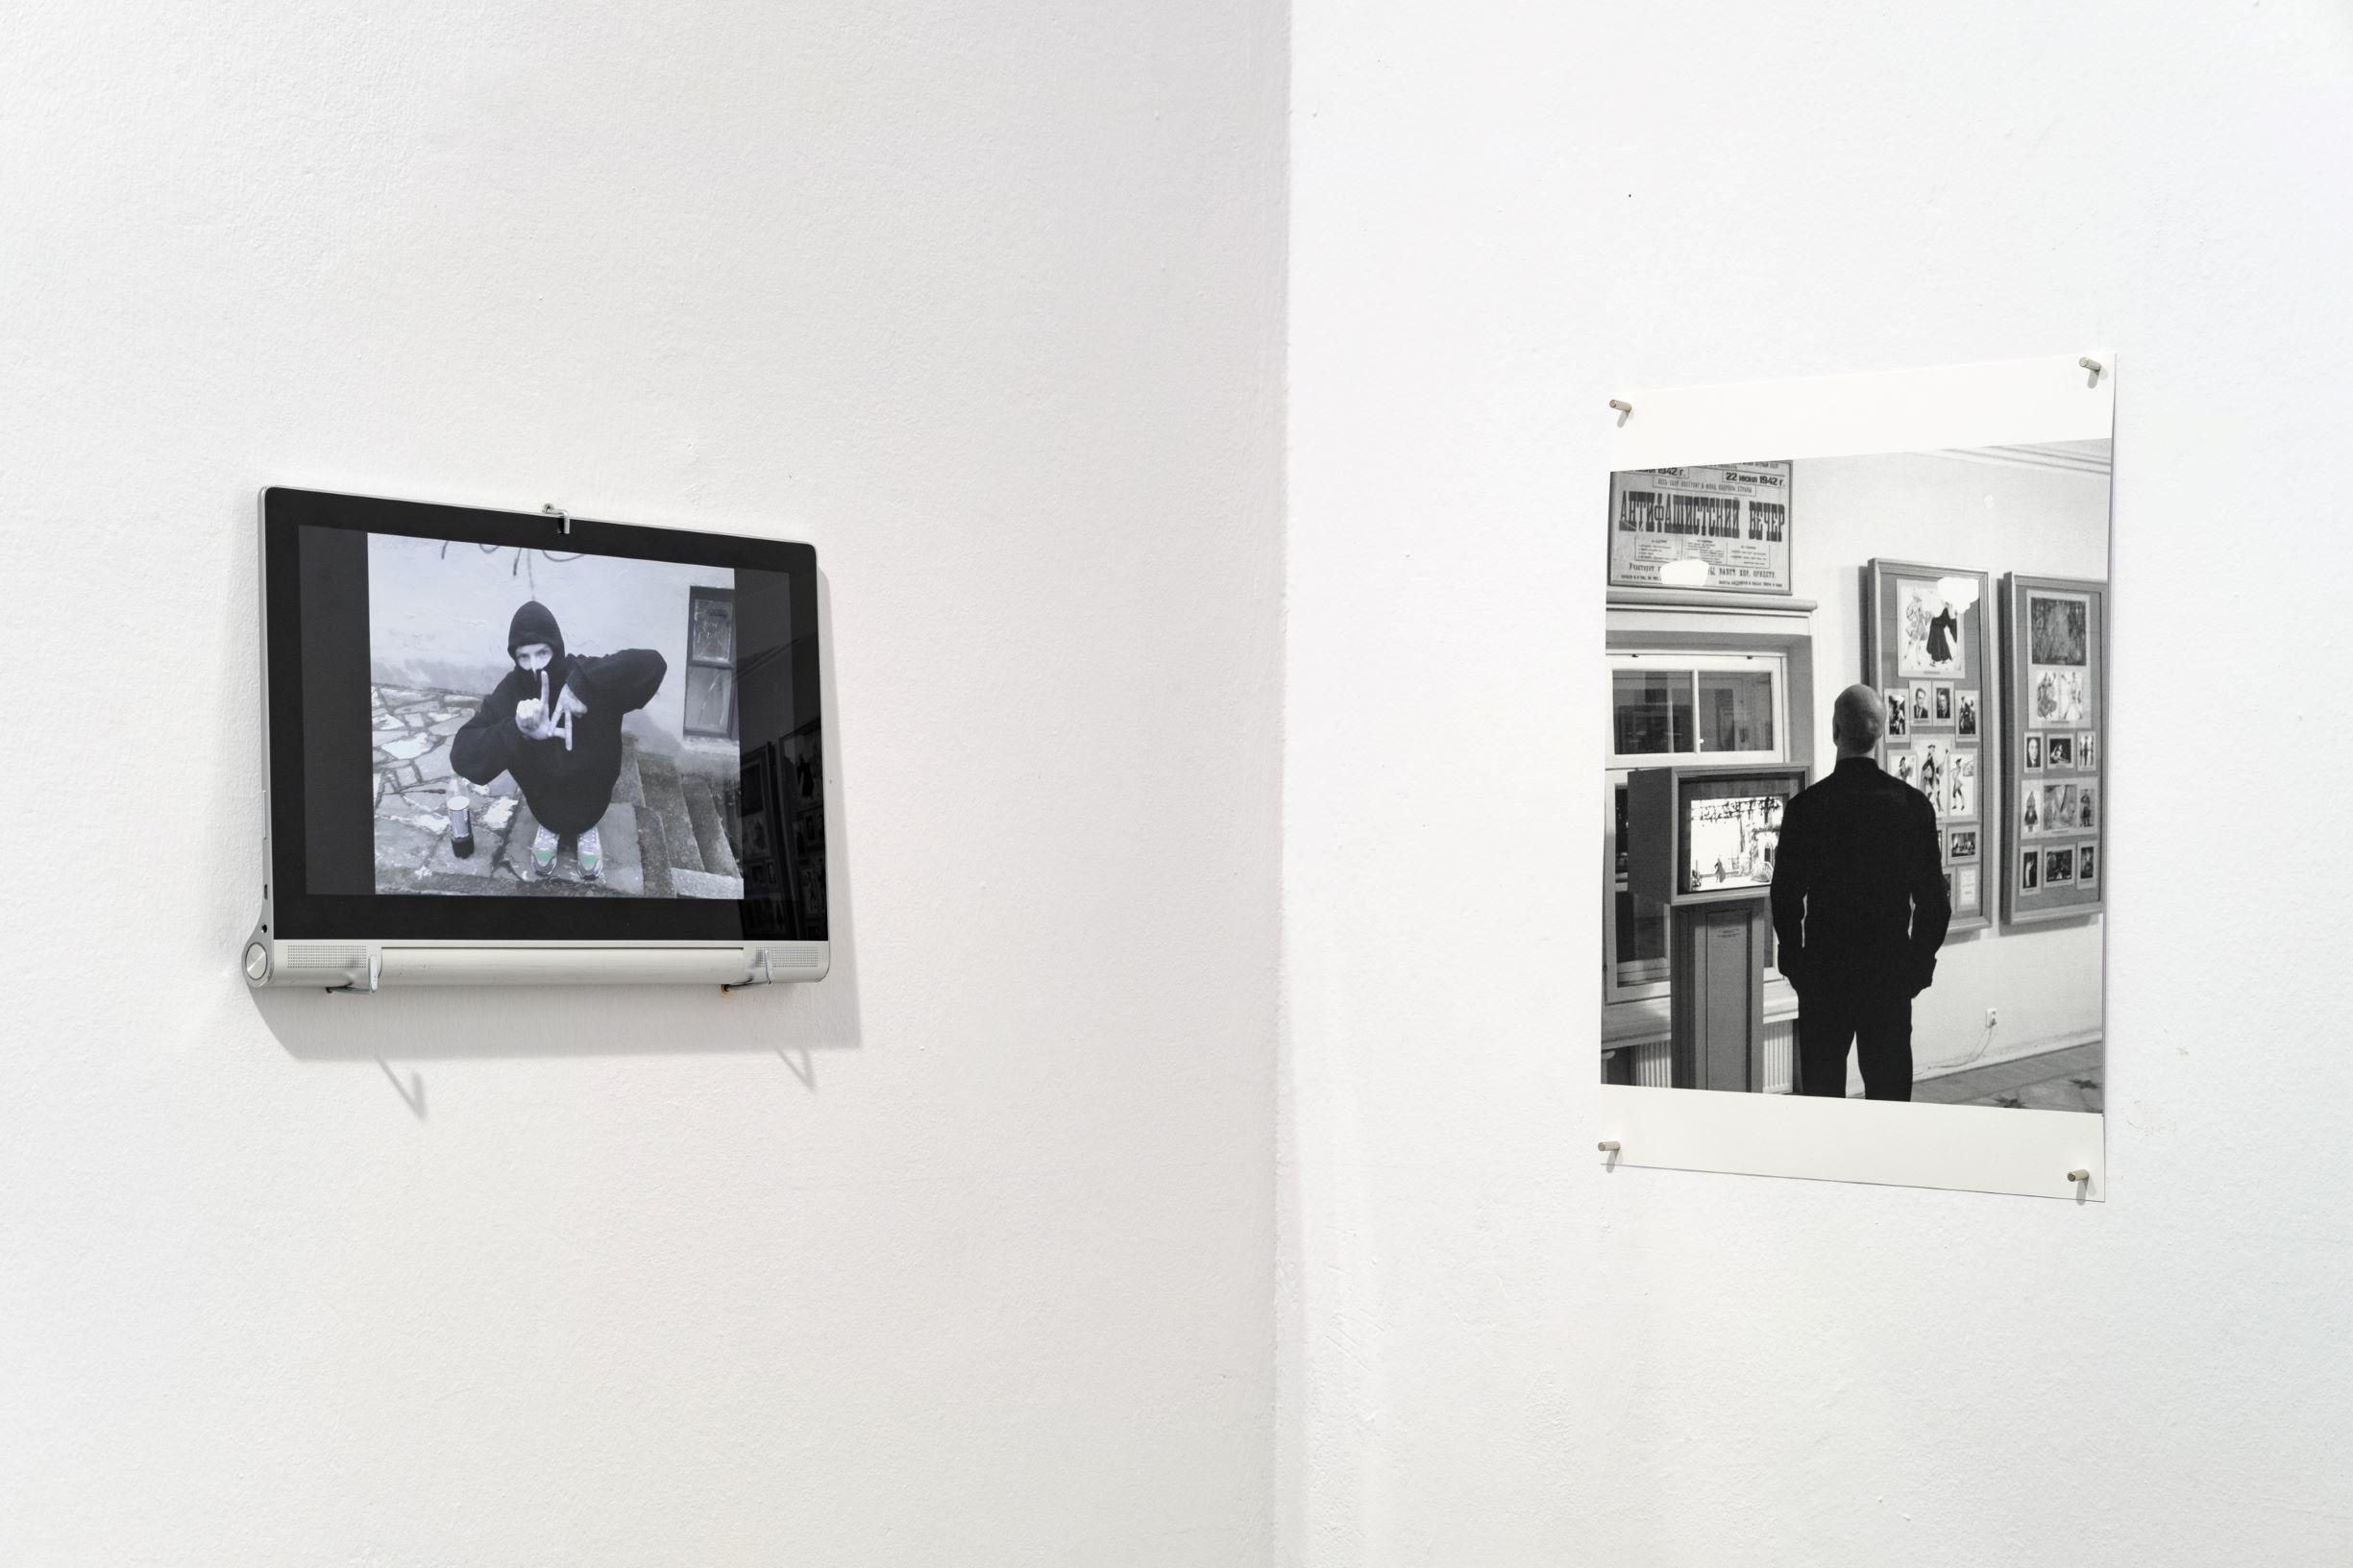 Katya Shadkovska, peace, love & antyfaszyzm, widok z wystawy w galerii lokal_30, 2020